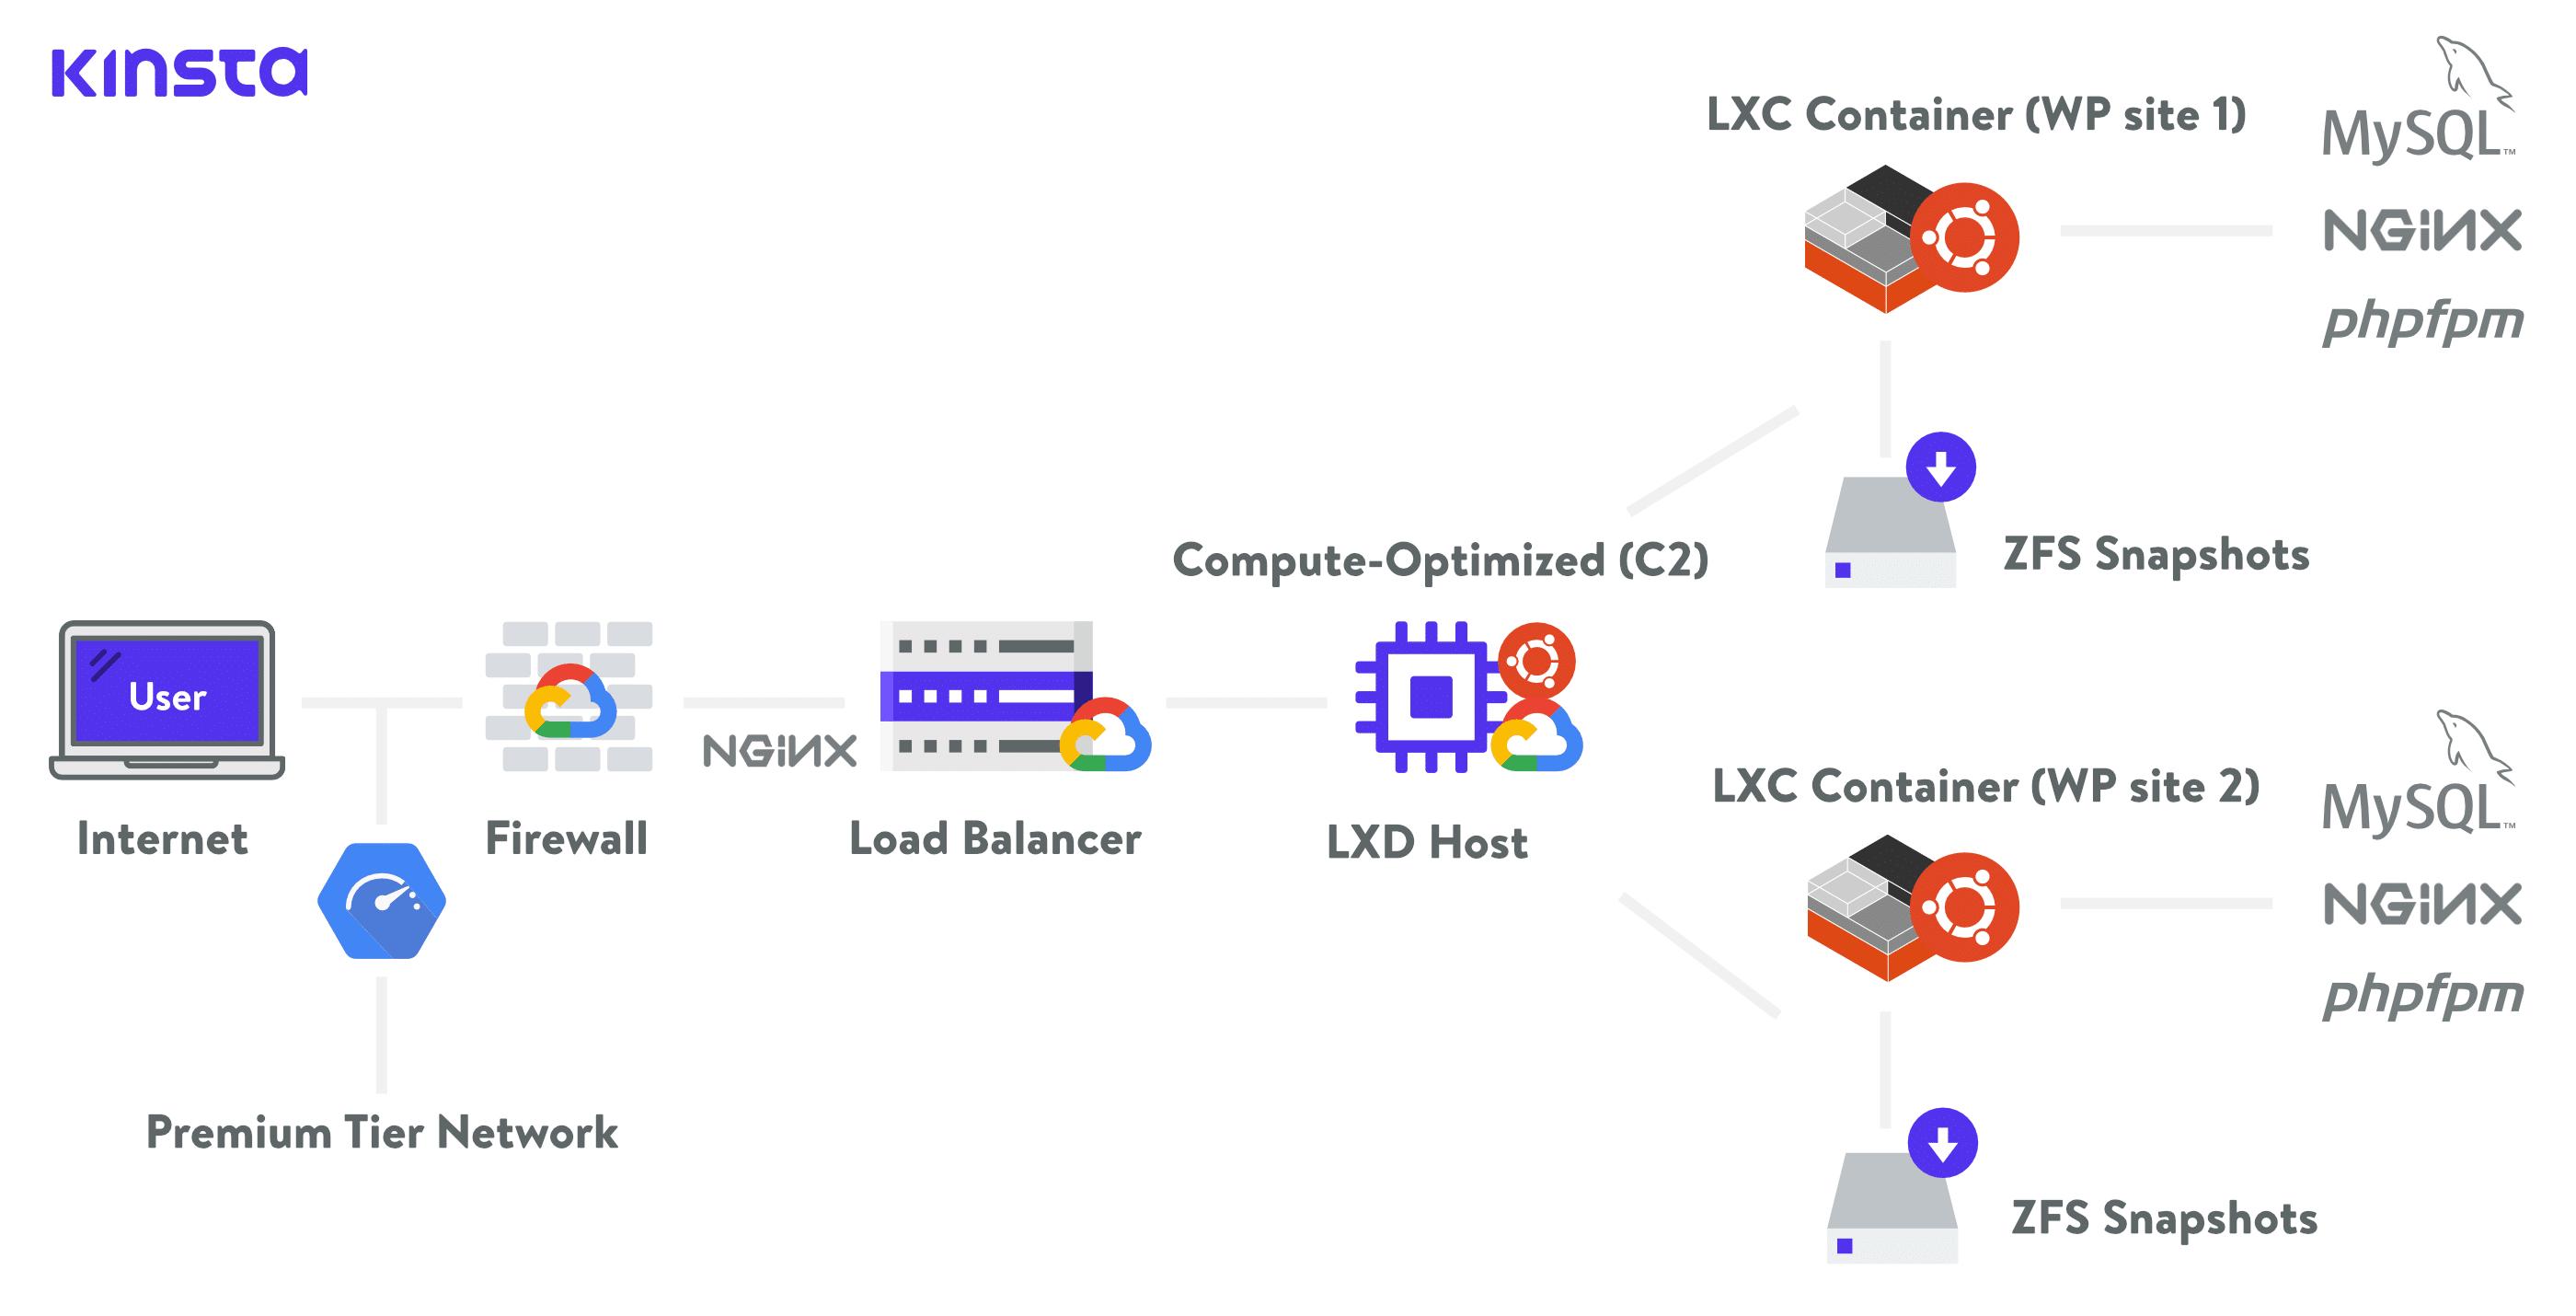 L'infrastructure de Kinsta et les nouvelles VMs Compute-Optimized (C2) de GCP